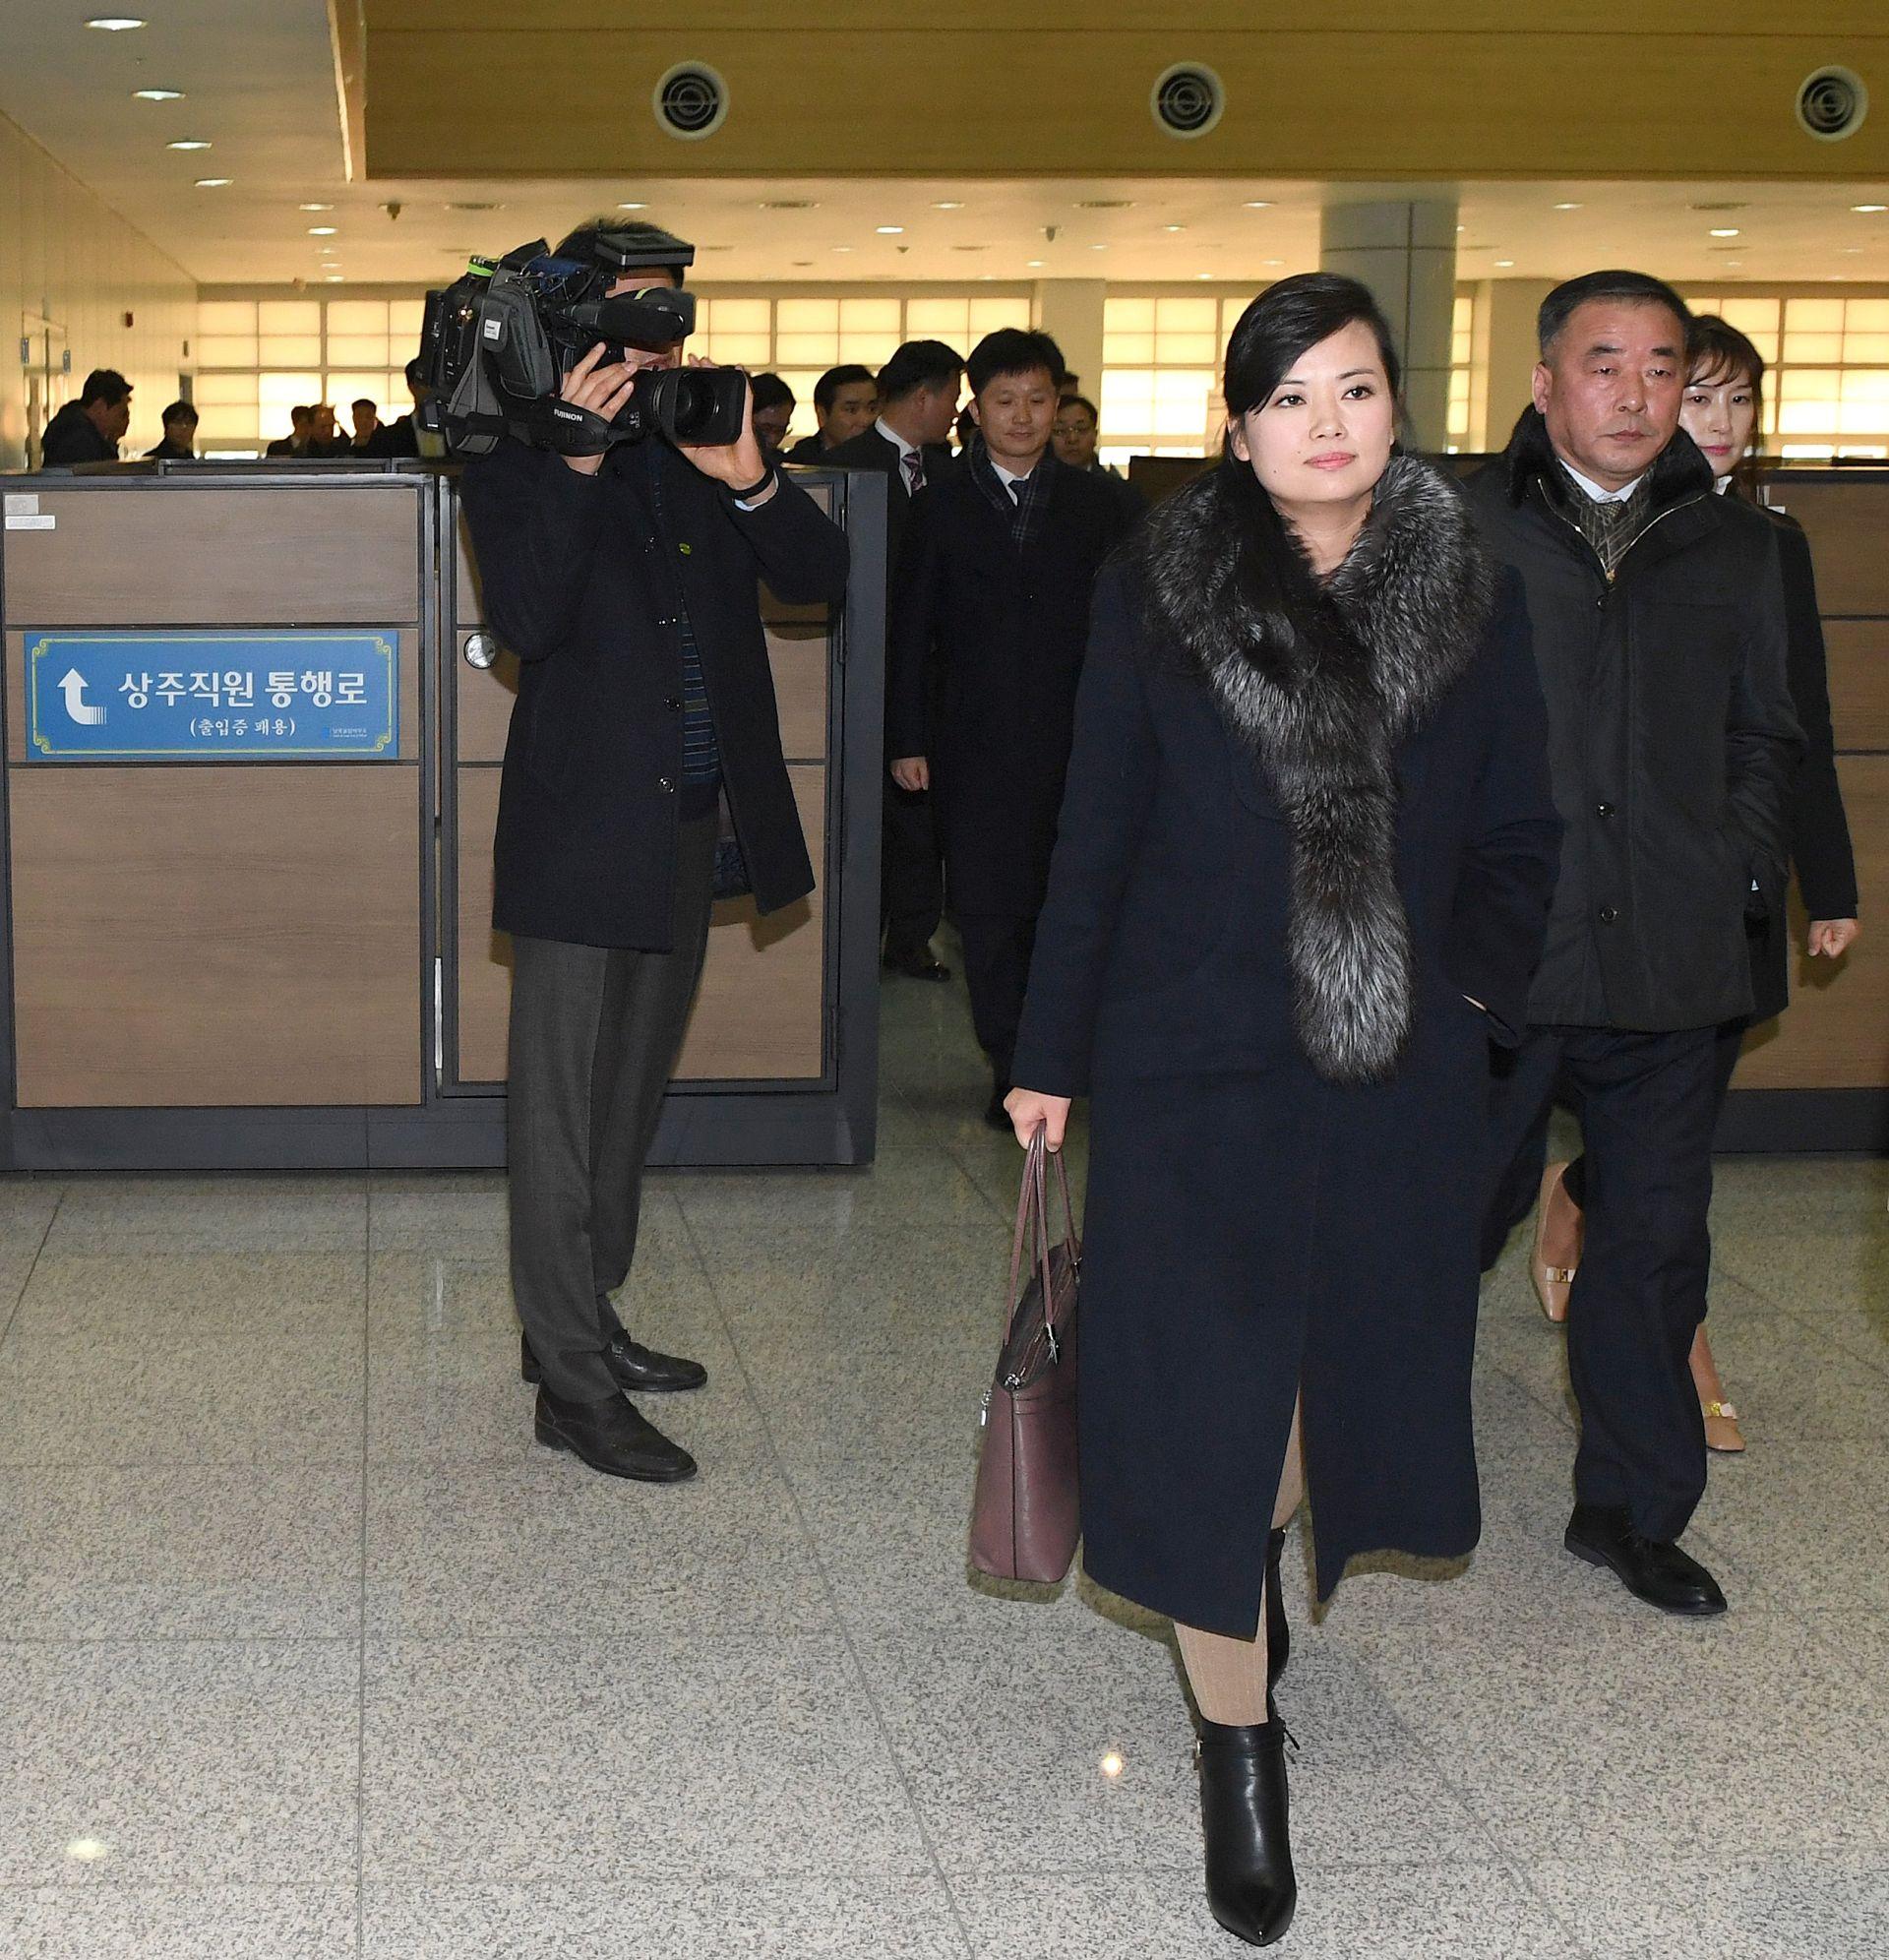 Sjevernokorejsko izaslanstvo u Seulu